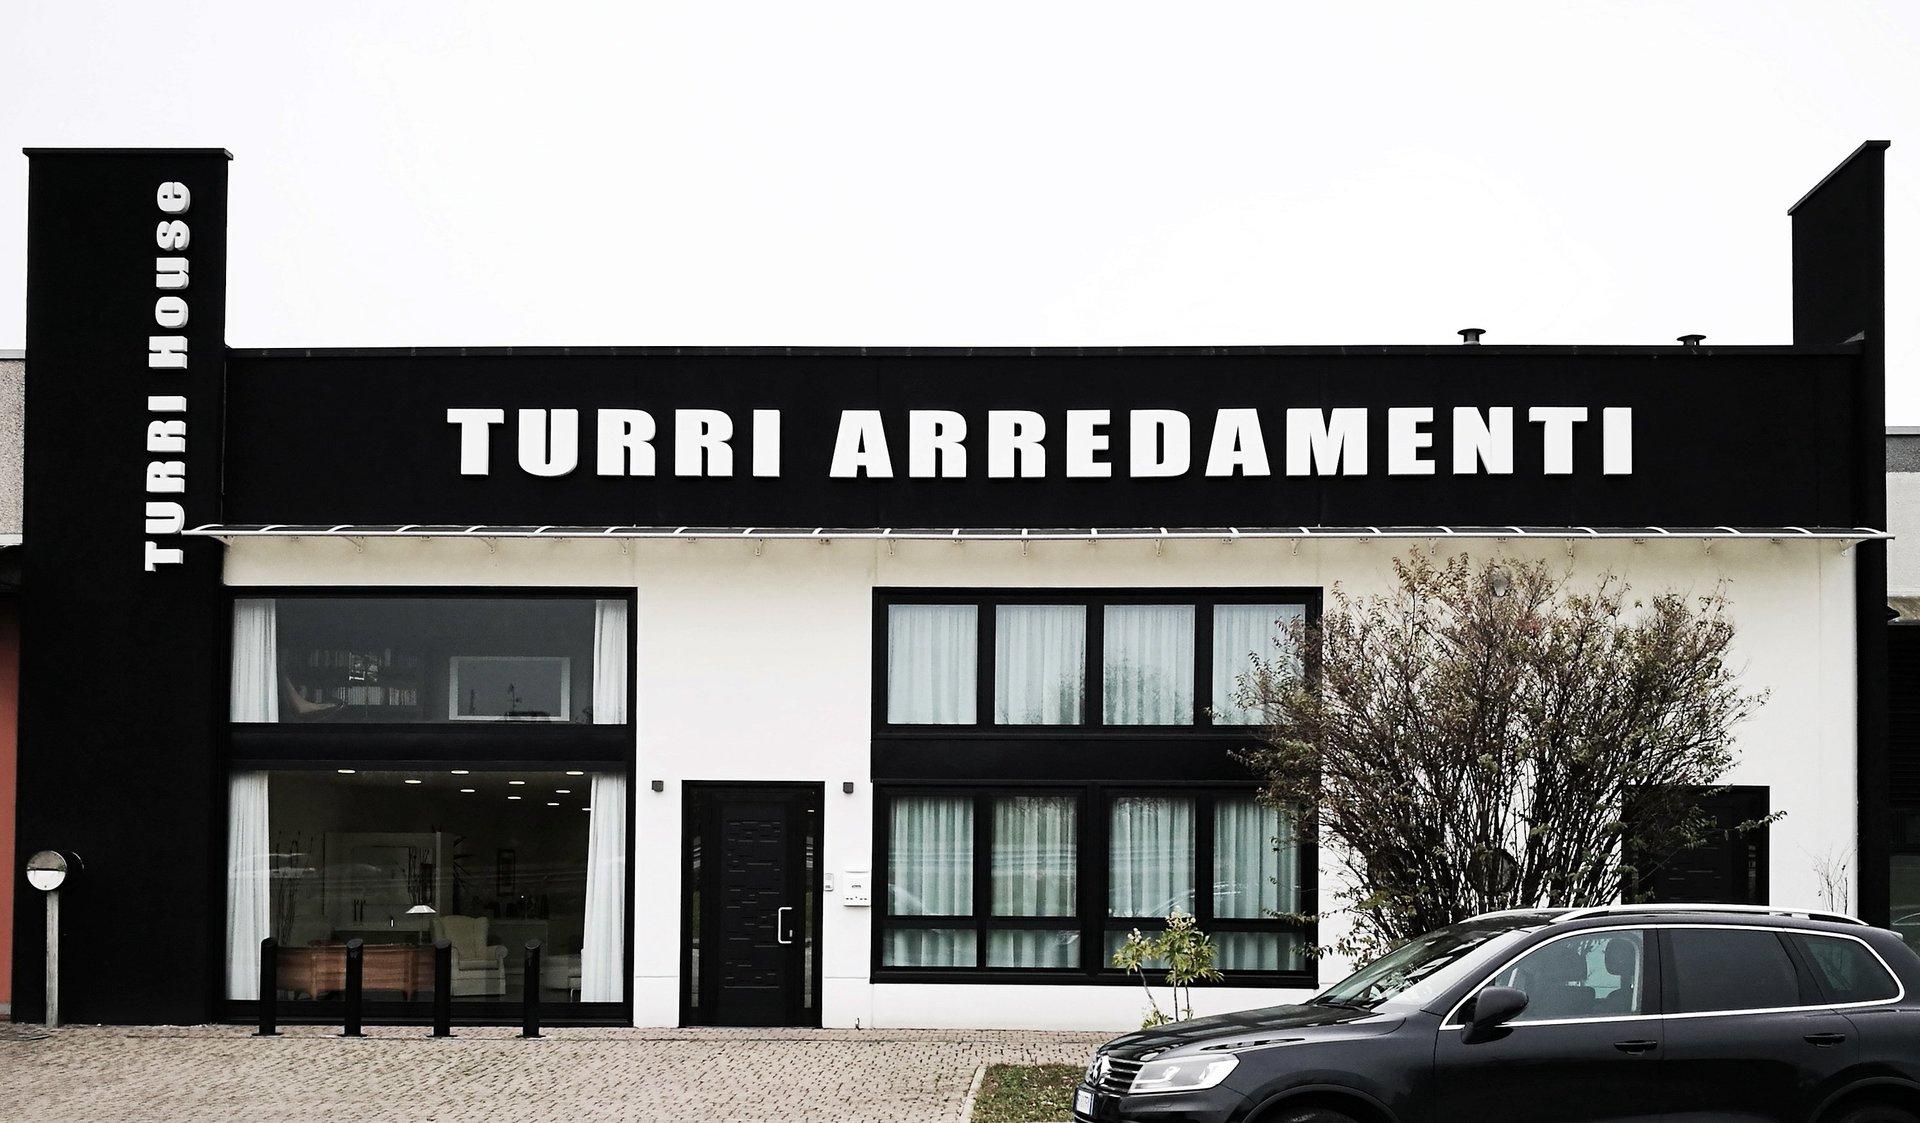 Arredi per negozi cesano maderno turri for Turri arredamenti